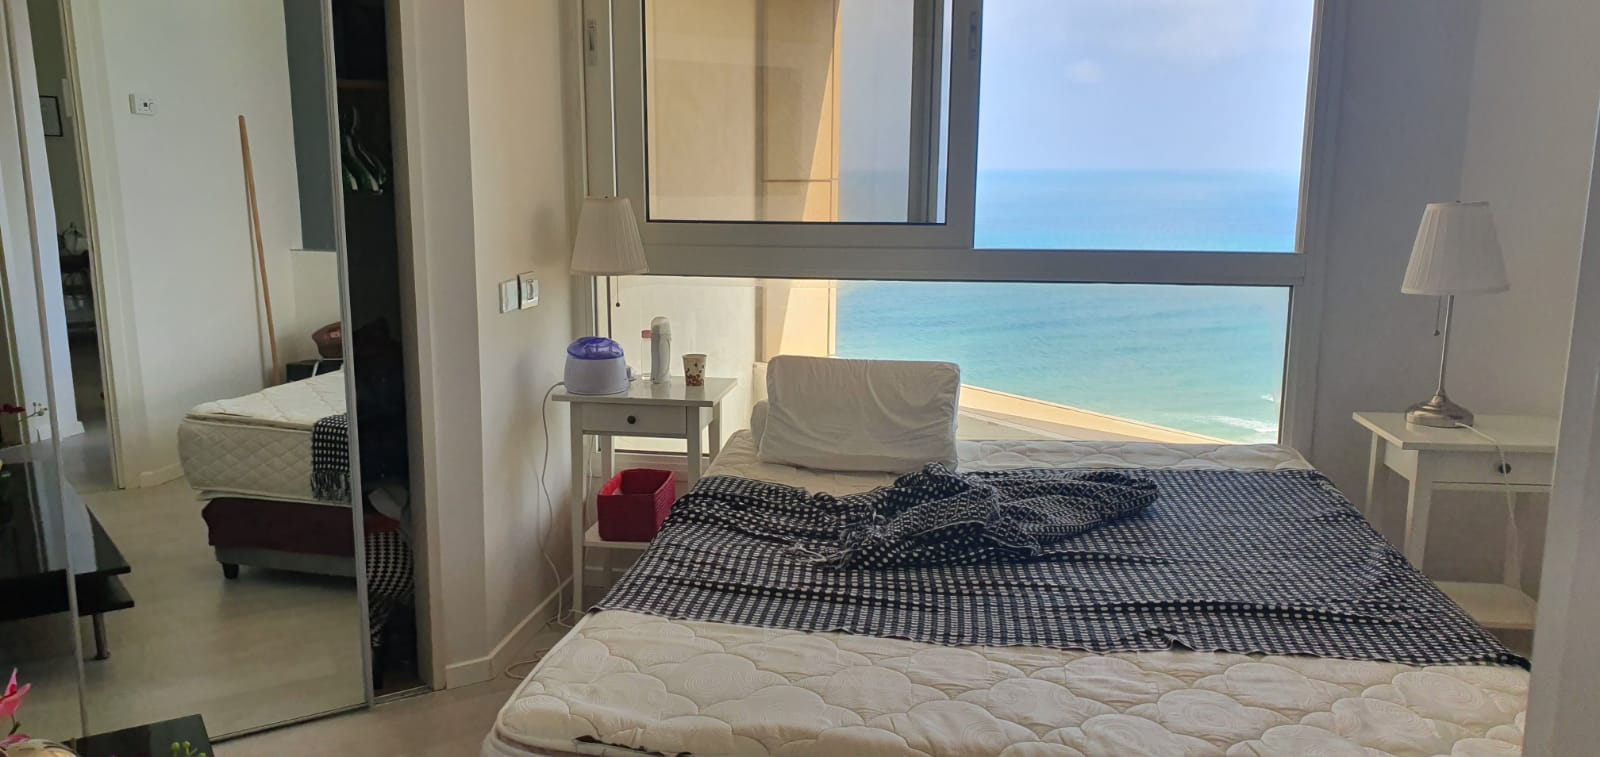 מלון לאונרדו למכירה 2 חדרים 1,730,000₪, בת ים